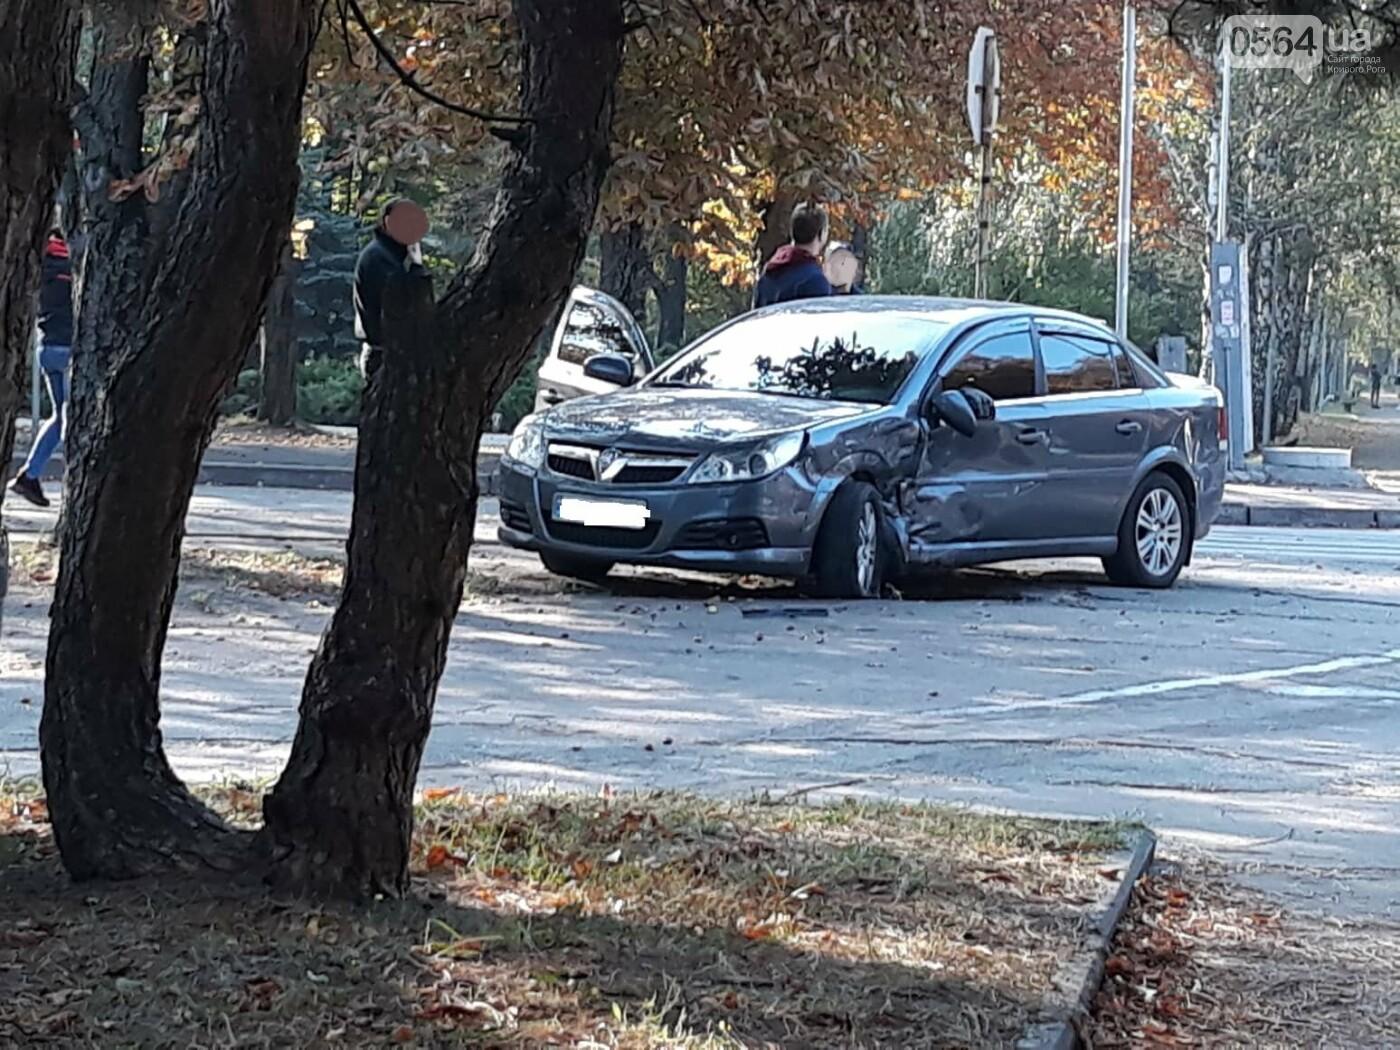 ДТП в Кривом Роге: от удара Chery выбросило далеко за пределы проезжей части, фото-8